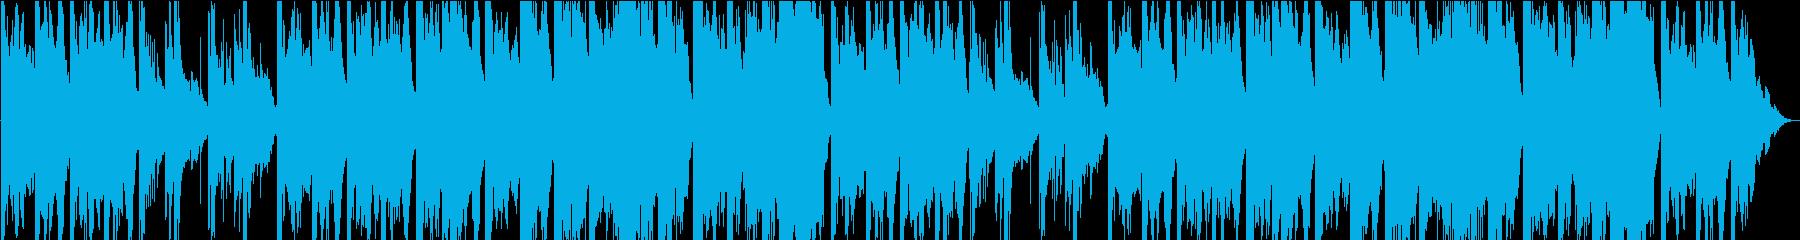 神聖で少し怖いバグパイプメインのケルトの再生済みの波形